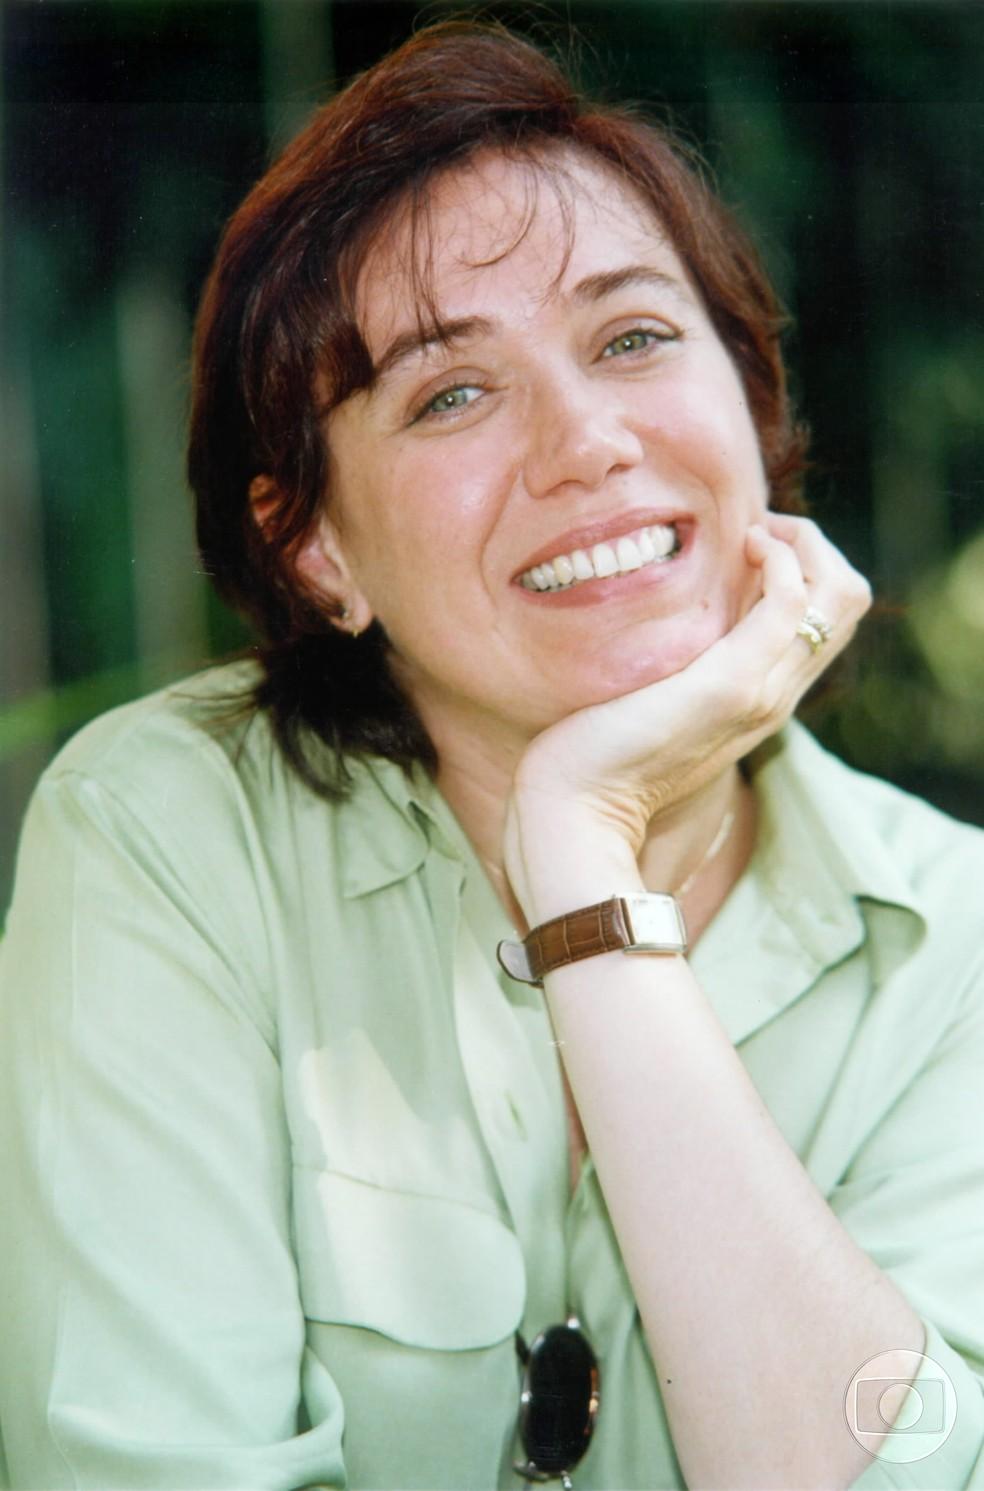 Lilia Cabral interpretou Claudia em Malhação, na temporada dos anos 1999-2000 — Foto: CEDOC/TV Globo